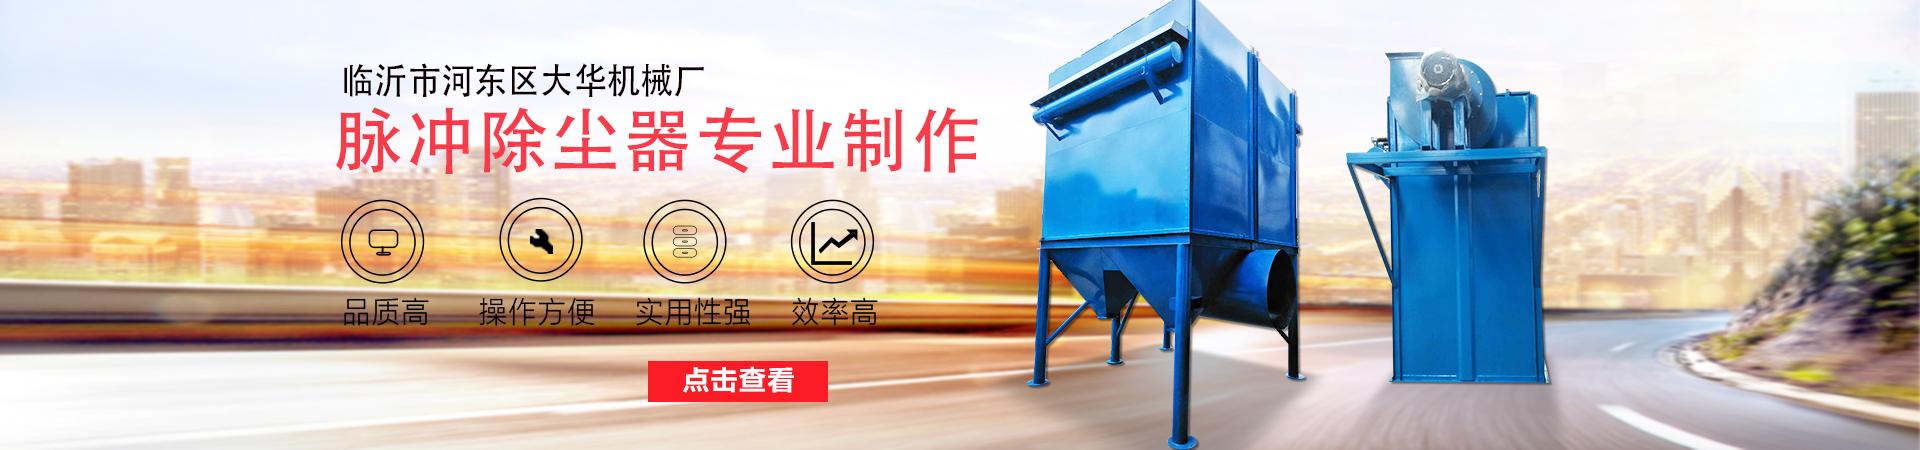 临沂市河东大华机械厂01